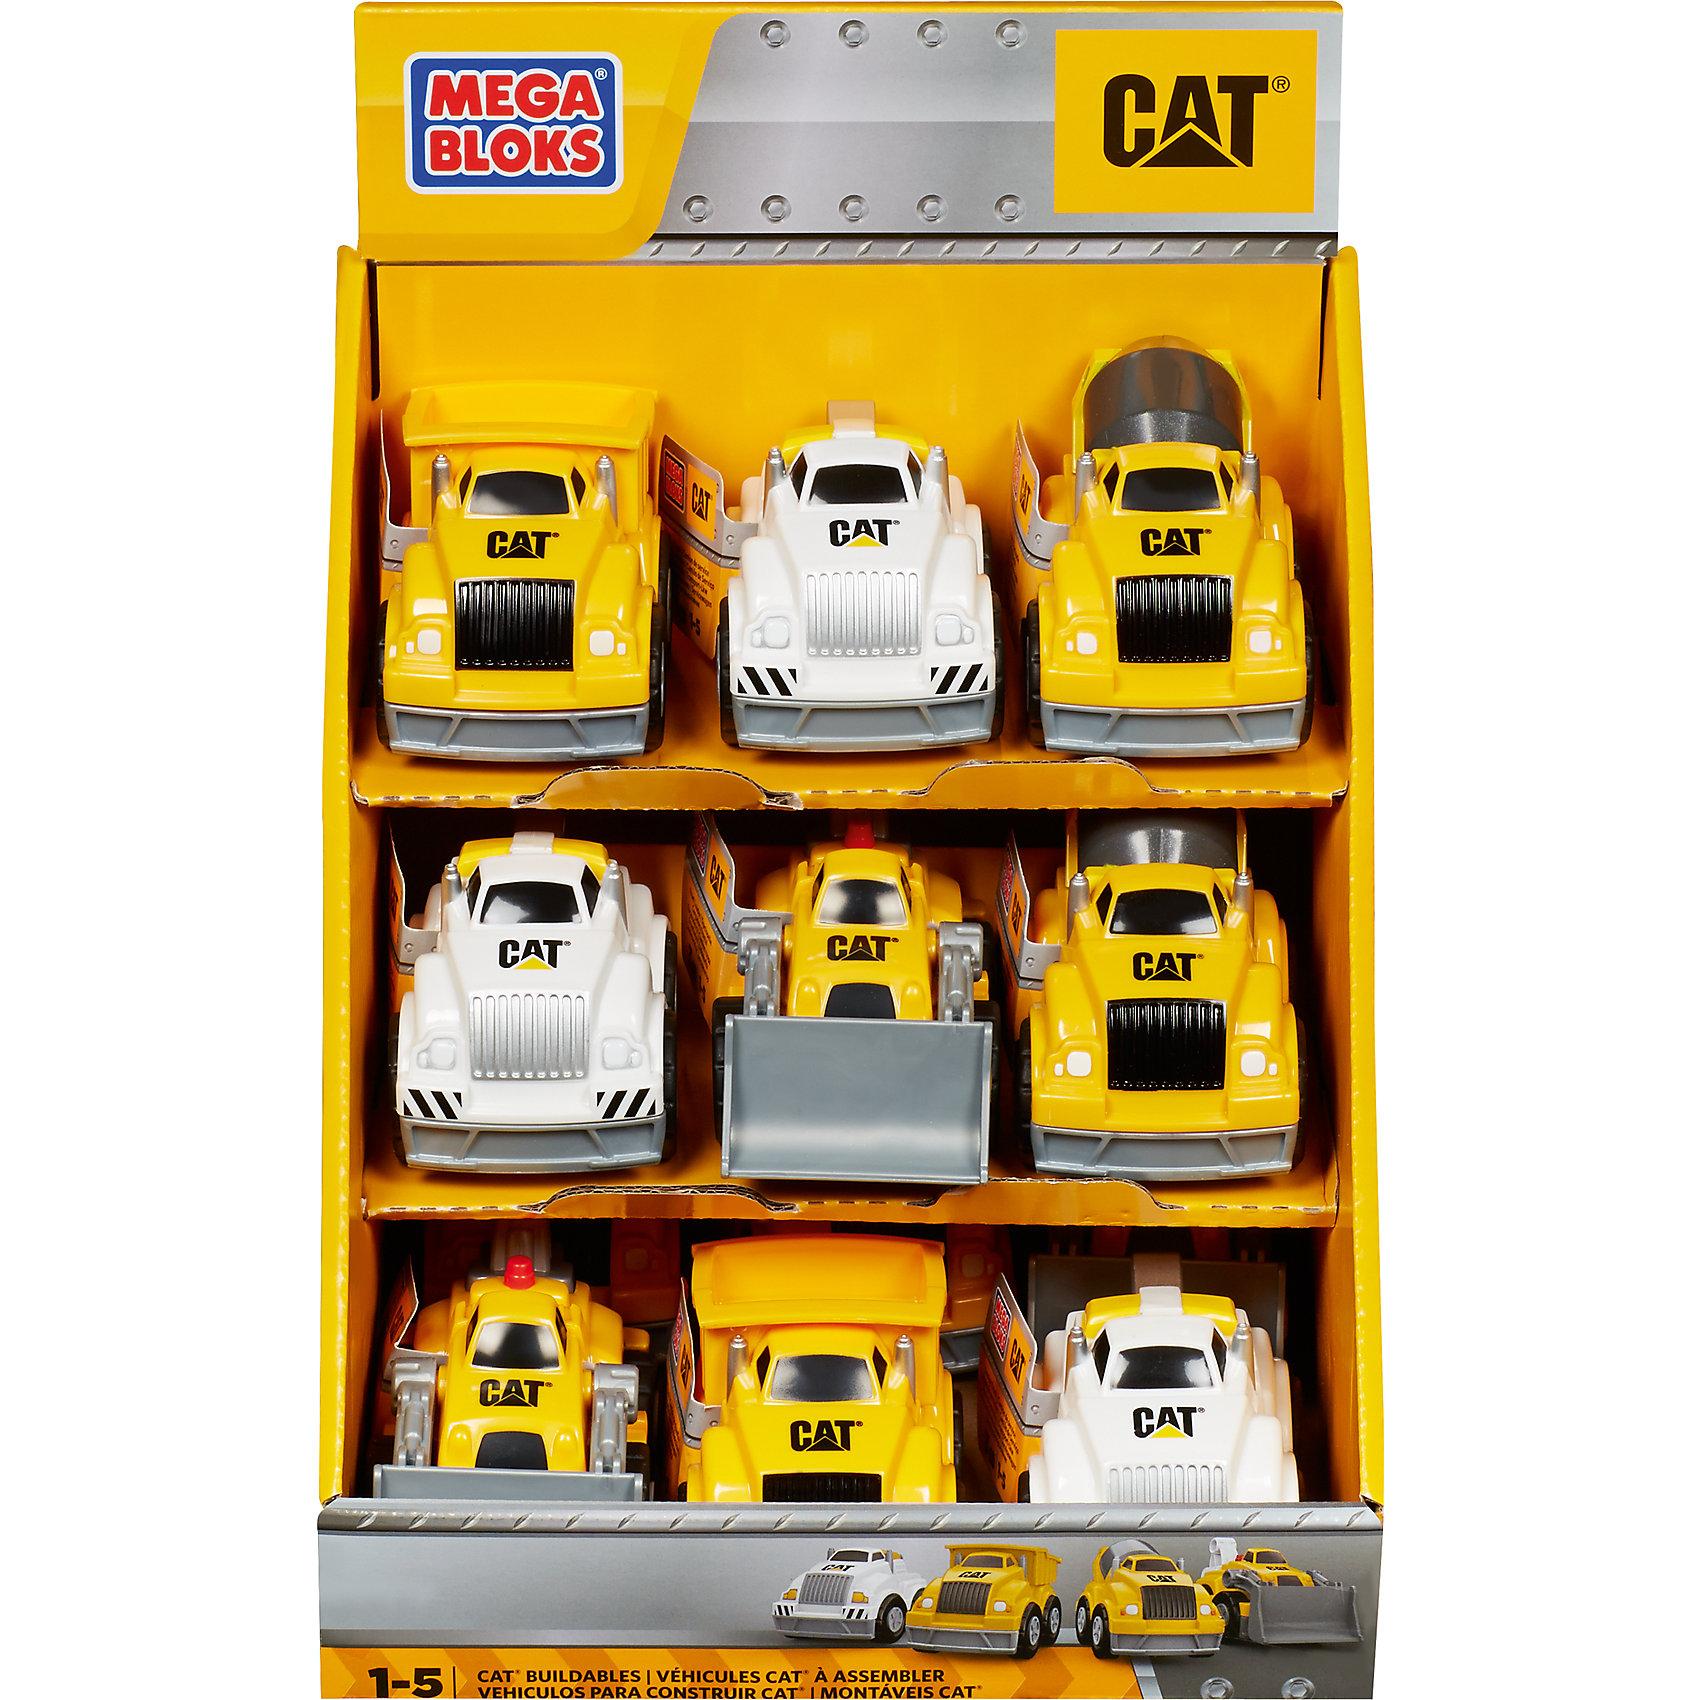 Маленький самосвал Caterpillar MEGA BLOKSПластмассовые конструкторы<br>Маленький самосвал Caterpillar, MEGA BLOKS (Мегаблокс), станет достойным пополнением коллекции маленького автолюбителя. Игрушка выполнена в ярком дизайне с тщательной проработкой всех деталей, легко собирается из трех деталей. Самосвал прекрасно подойдет для игр как дома так и на улице. В объемном кузове можно перевозить любые материалы и предметы для строительства, он легко опрокидывается, разгружая машину. Мощные большие колеса позволяют катать игрушку по любой поверхности, крупные округлые детали очень удобны для ручек малышей.  <br><br>Дополнительная информация:<br><br>- Количество деталей: 3.<br>- Материал: пластик.<br>- Размер упаковки: 6 x 9 x 6 см. <br>- Вес: 0,1 кг.<br><br>Маленький самосвал Caterpillar, MEGA BLOKS (Мегаблокс), можно купить в нашем интернет-магазине.<br><br>Ширина мм: 60<br>Глубина мм: 90<br>Высота мм: 60<br>Вес г: 60<br>Возраст от месяцев: 12<br>Возраст до месяцев: 72<br>Пол: Унисекс<br>Возраст: Детский<br>SKU: 4336740